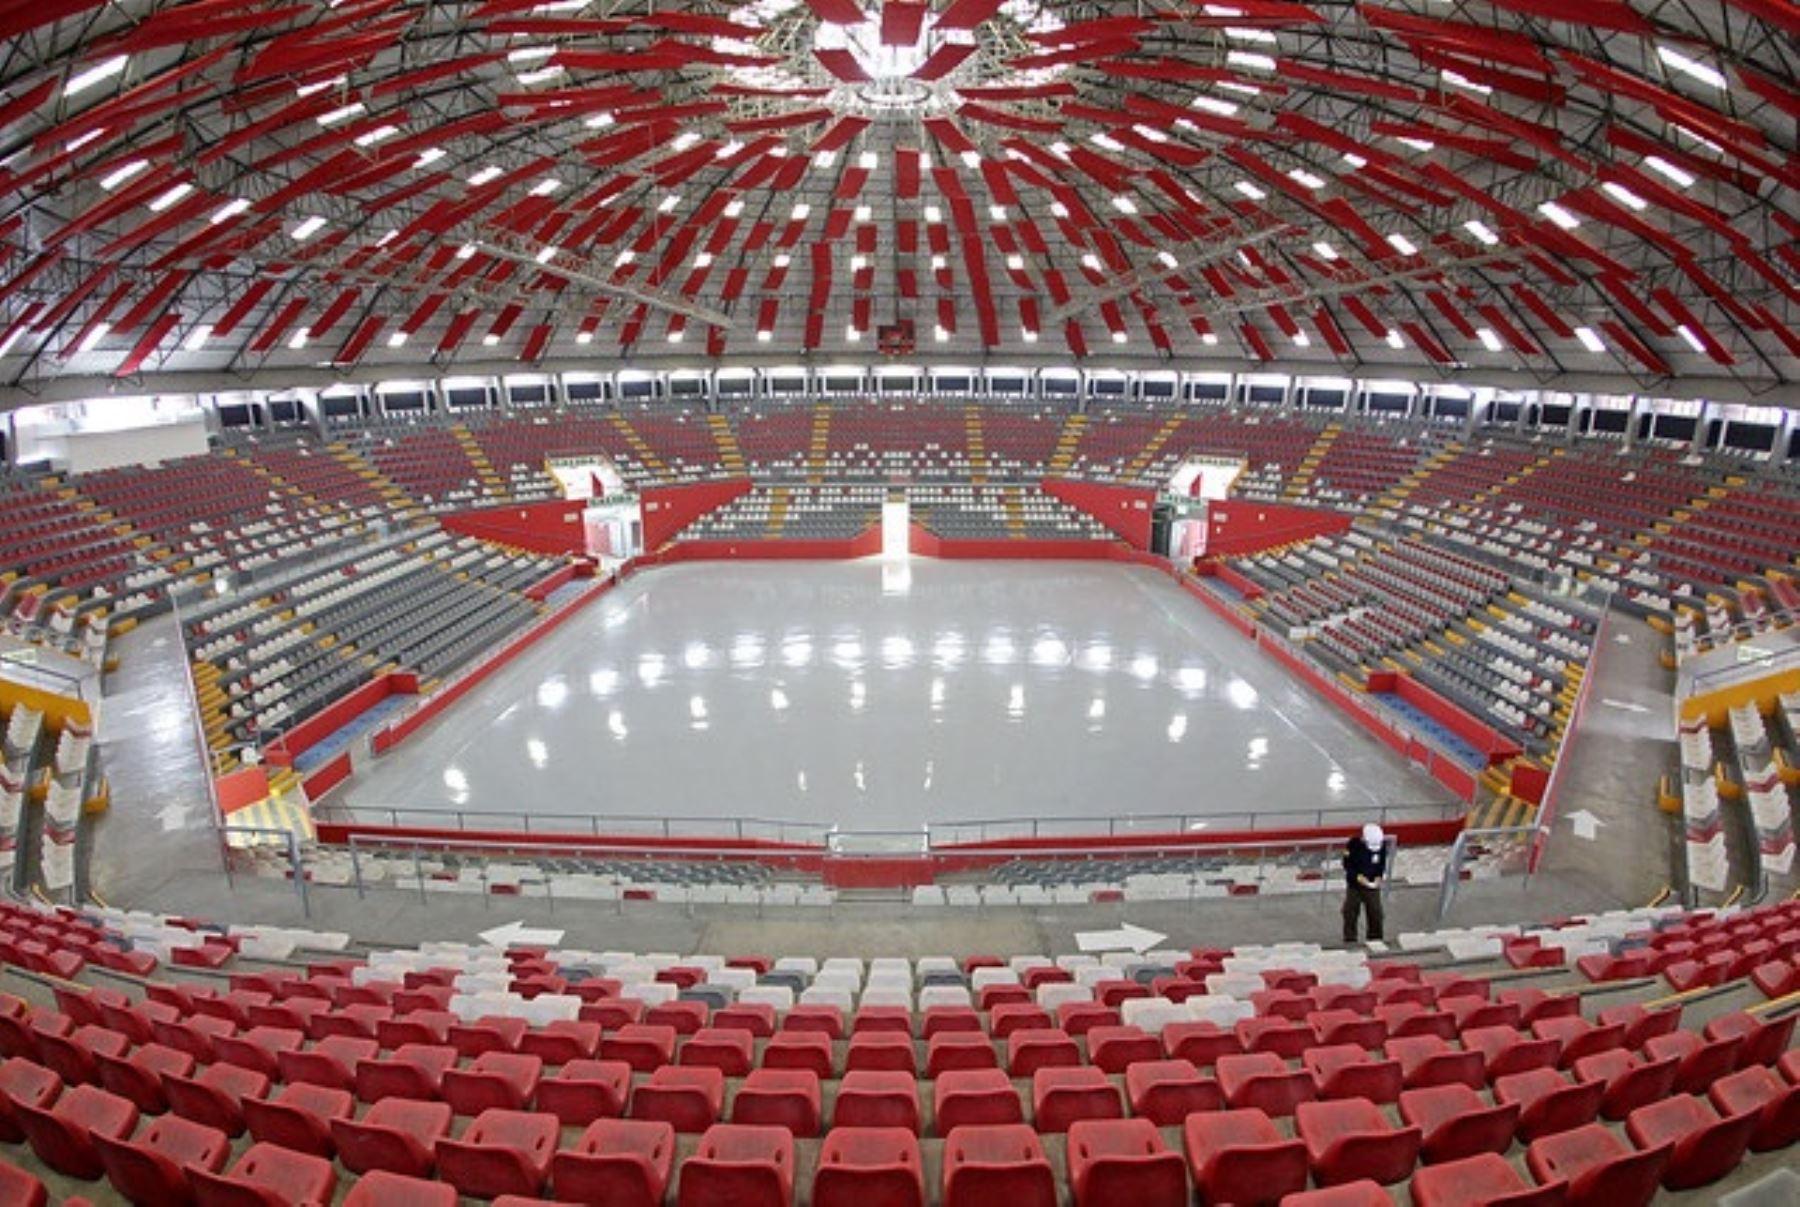 Habilitación de sedes para los Juegos Panamericanos y Parapanamericanos Lima 2019. Foto: Cortesía.